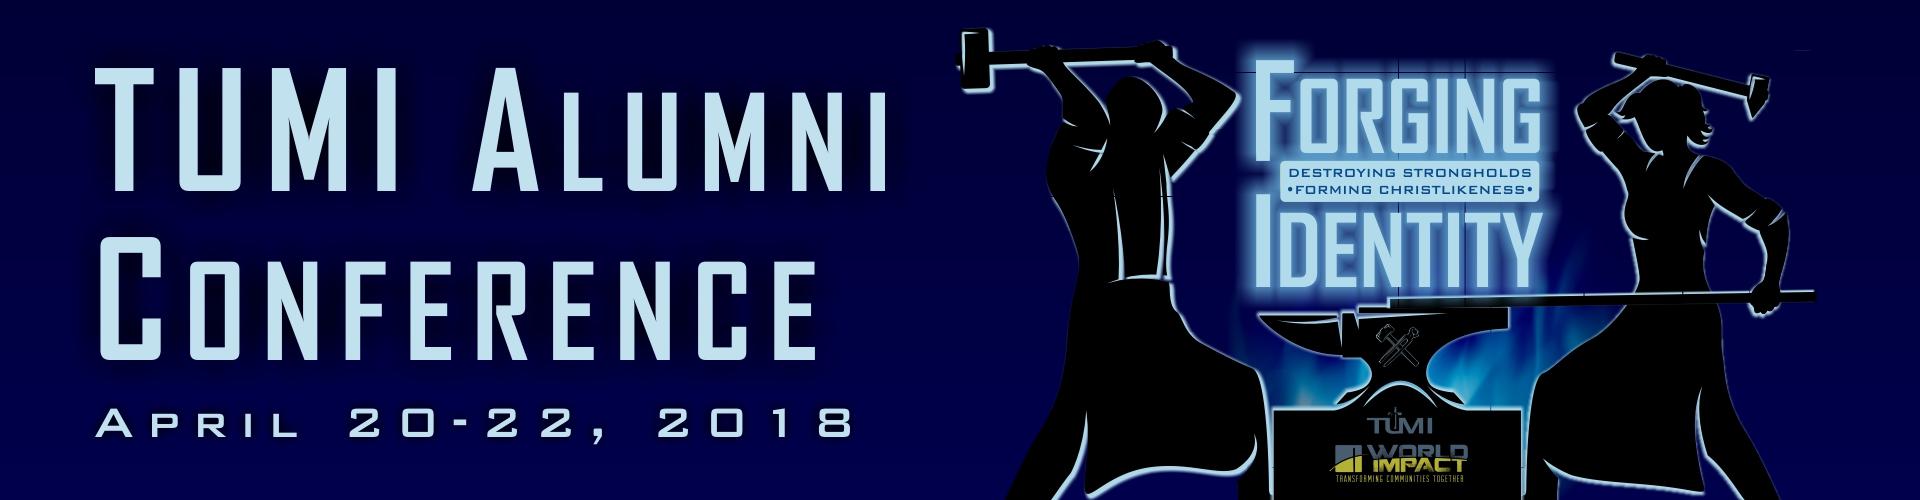 TUMI Alumni Conference